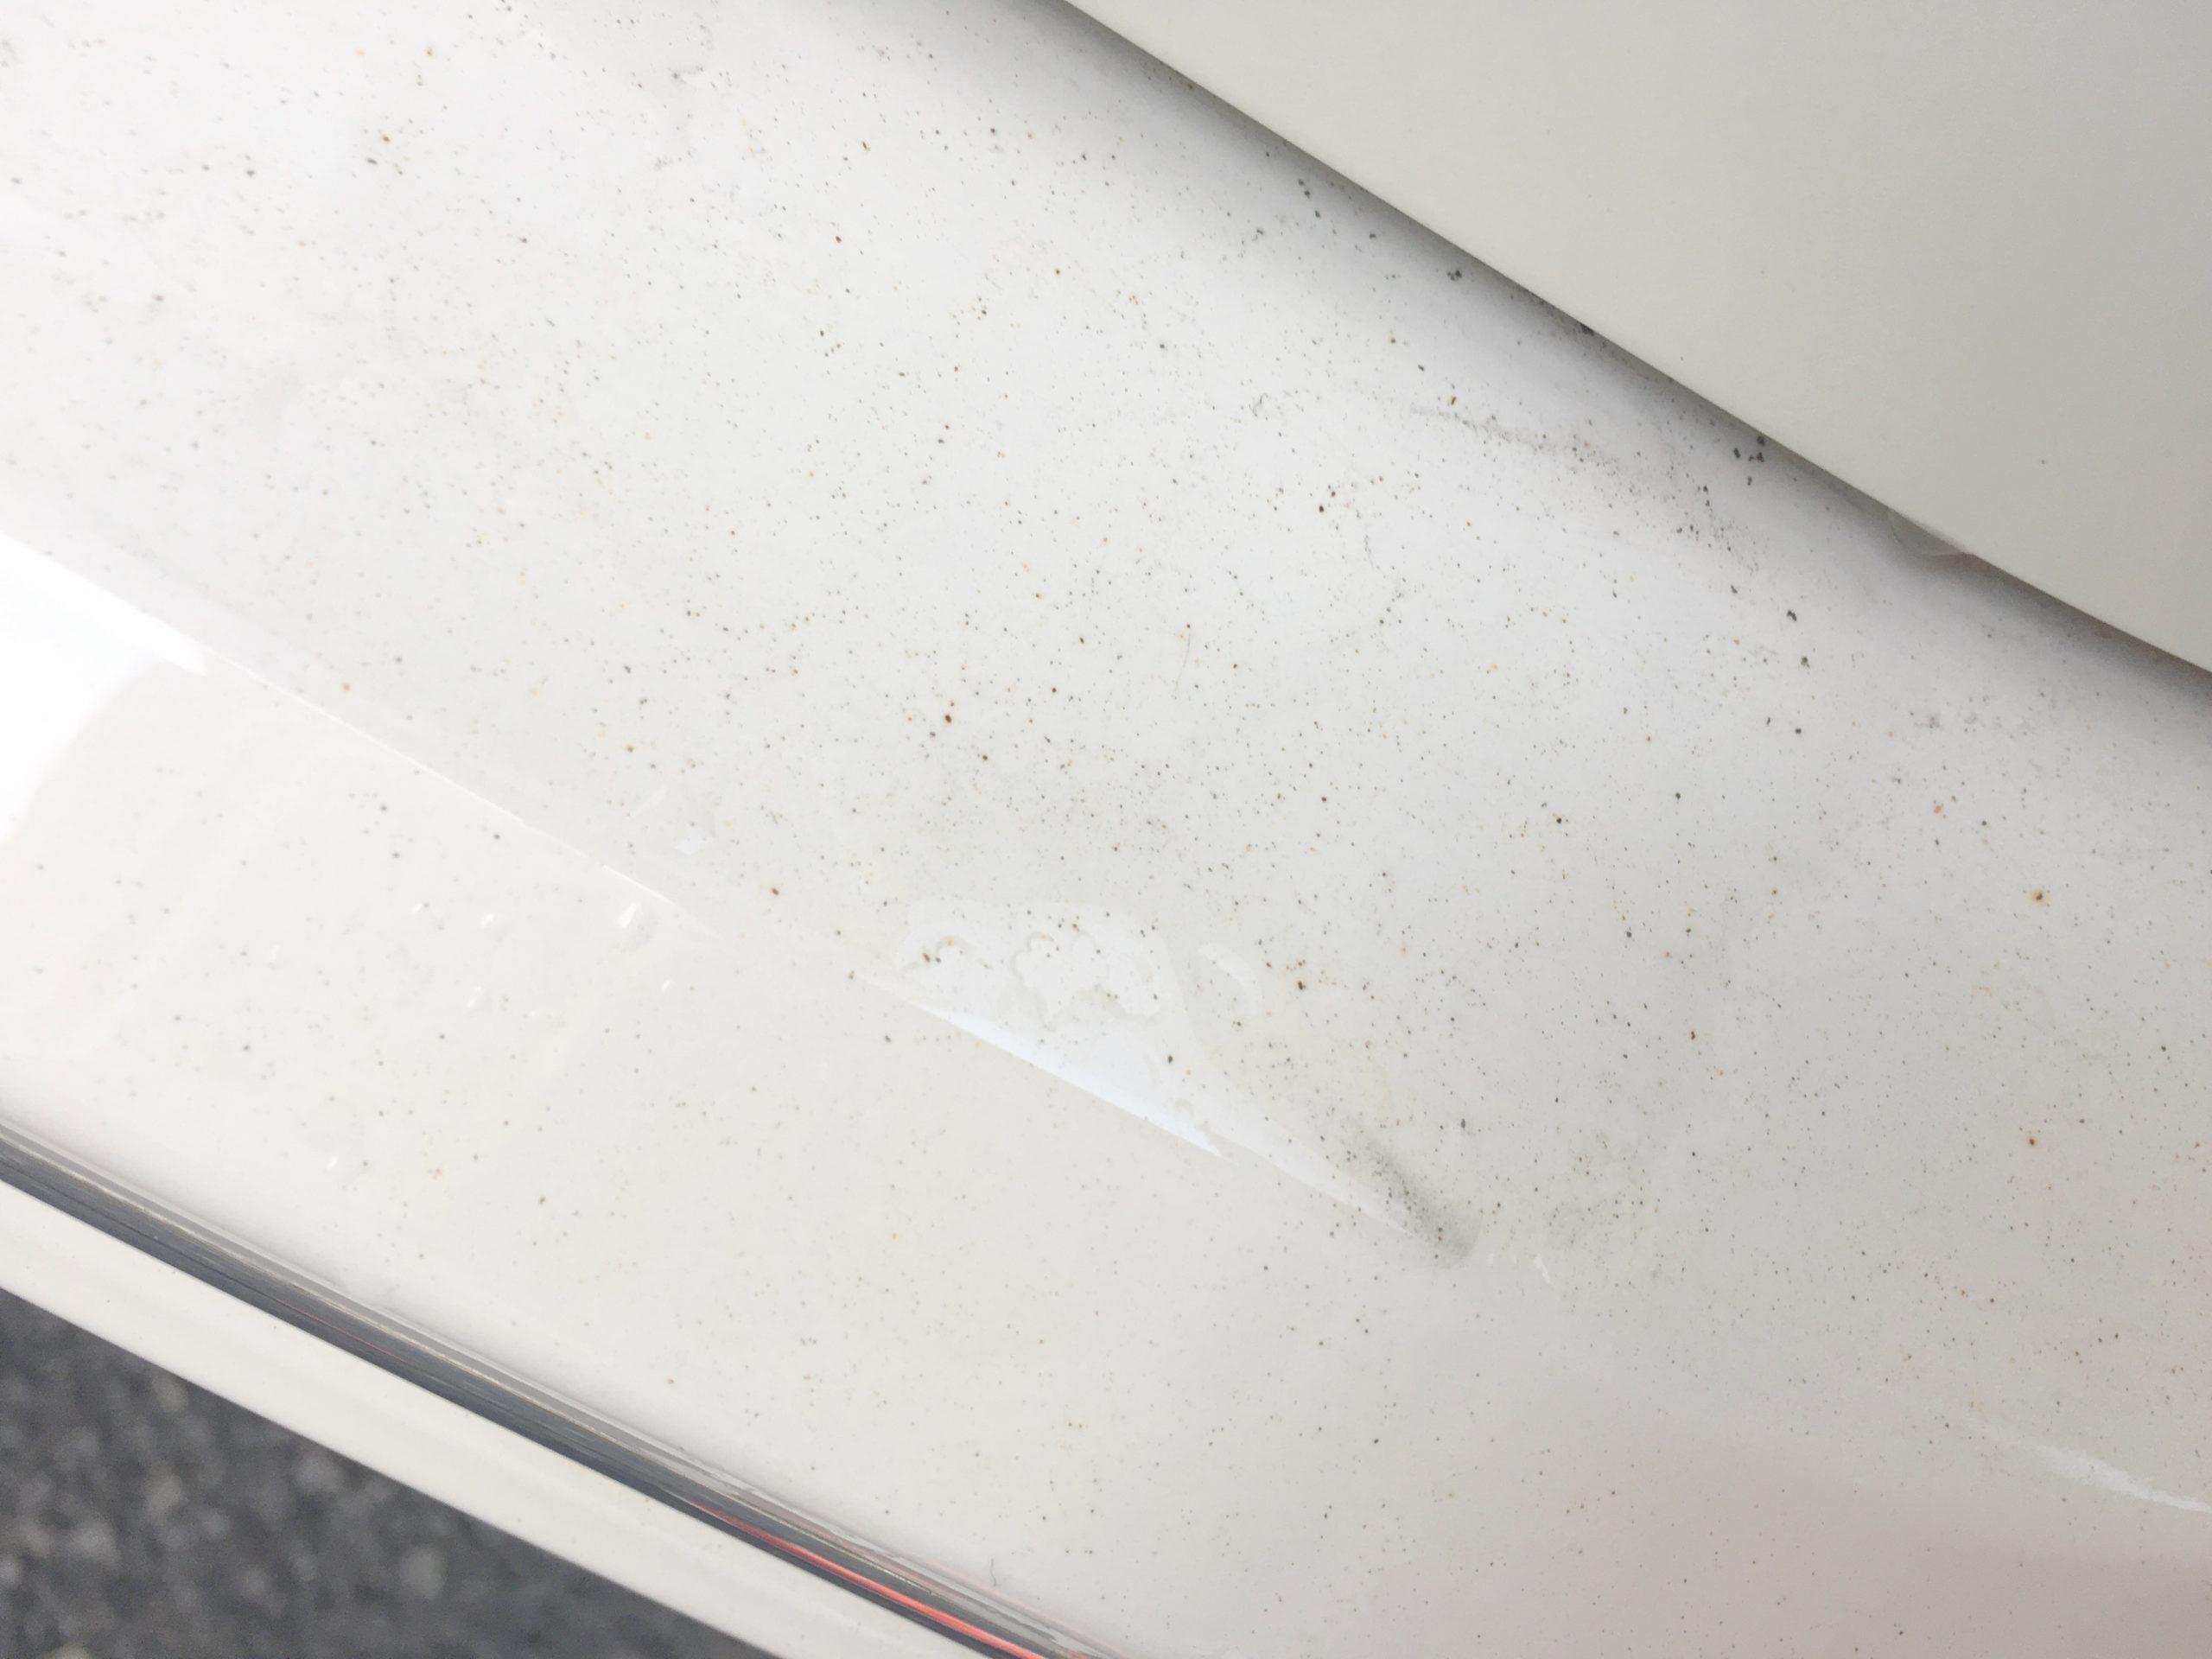 鉄粉が付着した車のバンパーです。